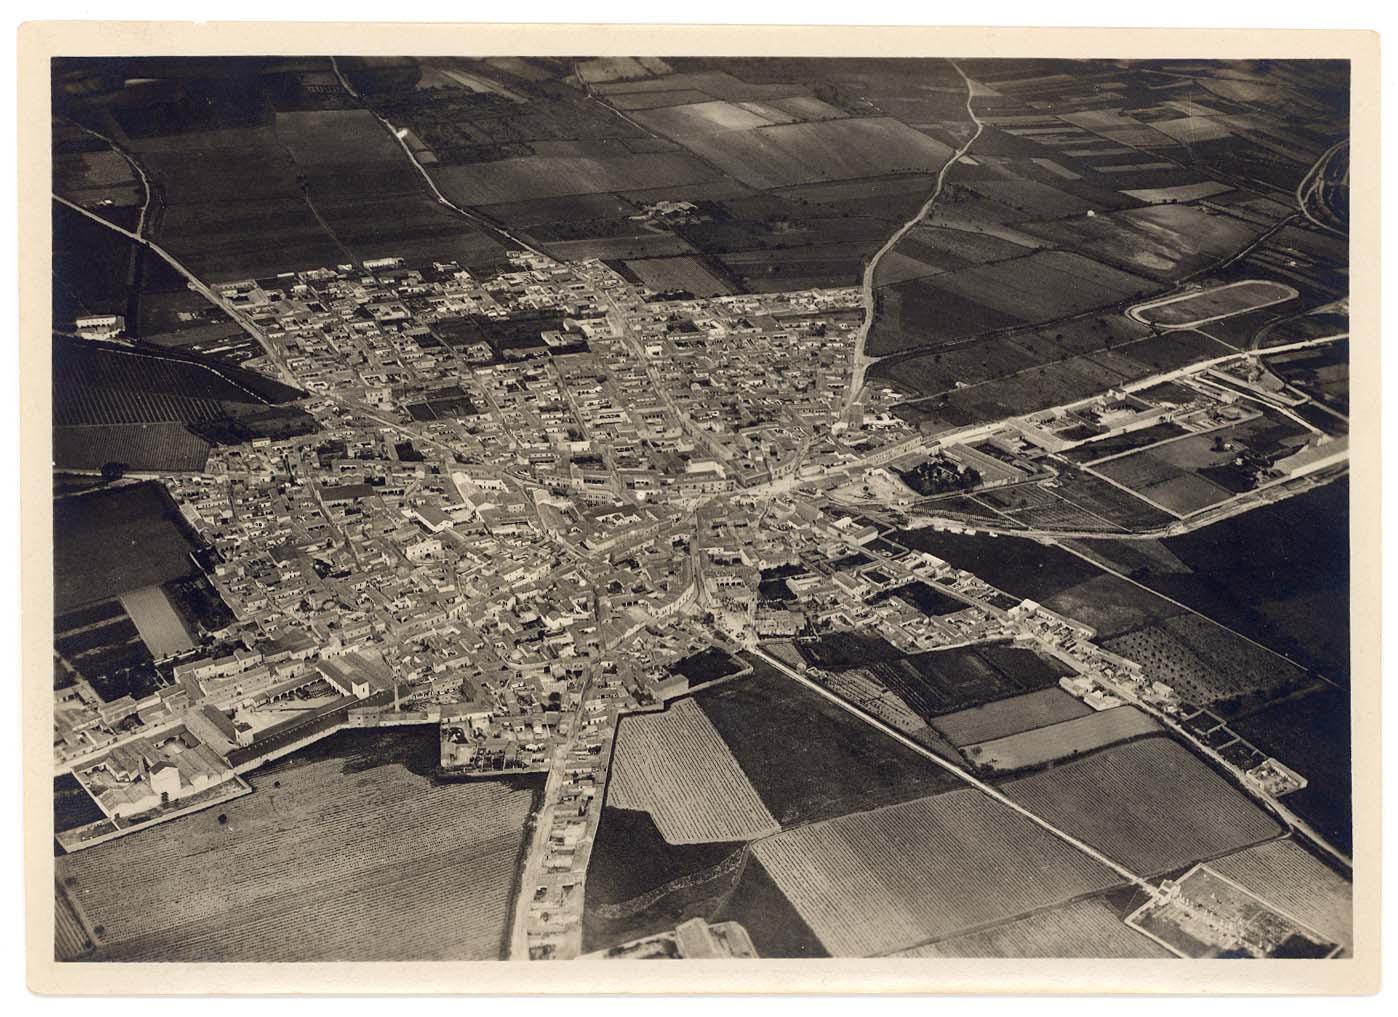 Archivio Comunale - 1921 - Topografia_jpg_foto 0030 8-13